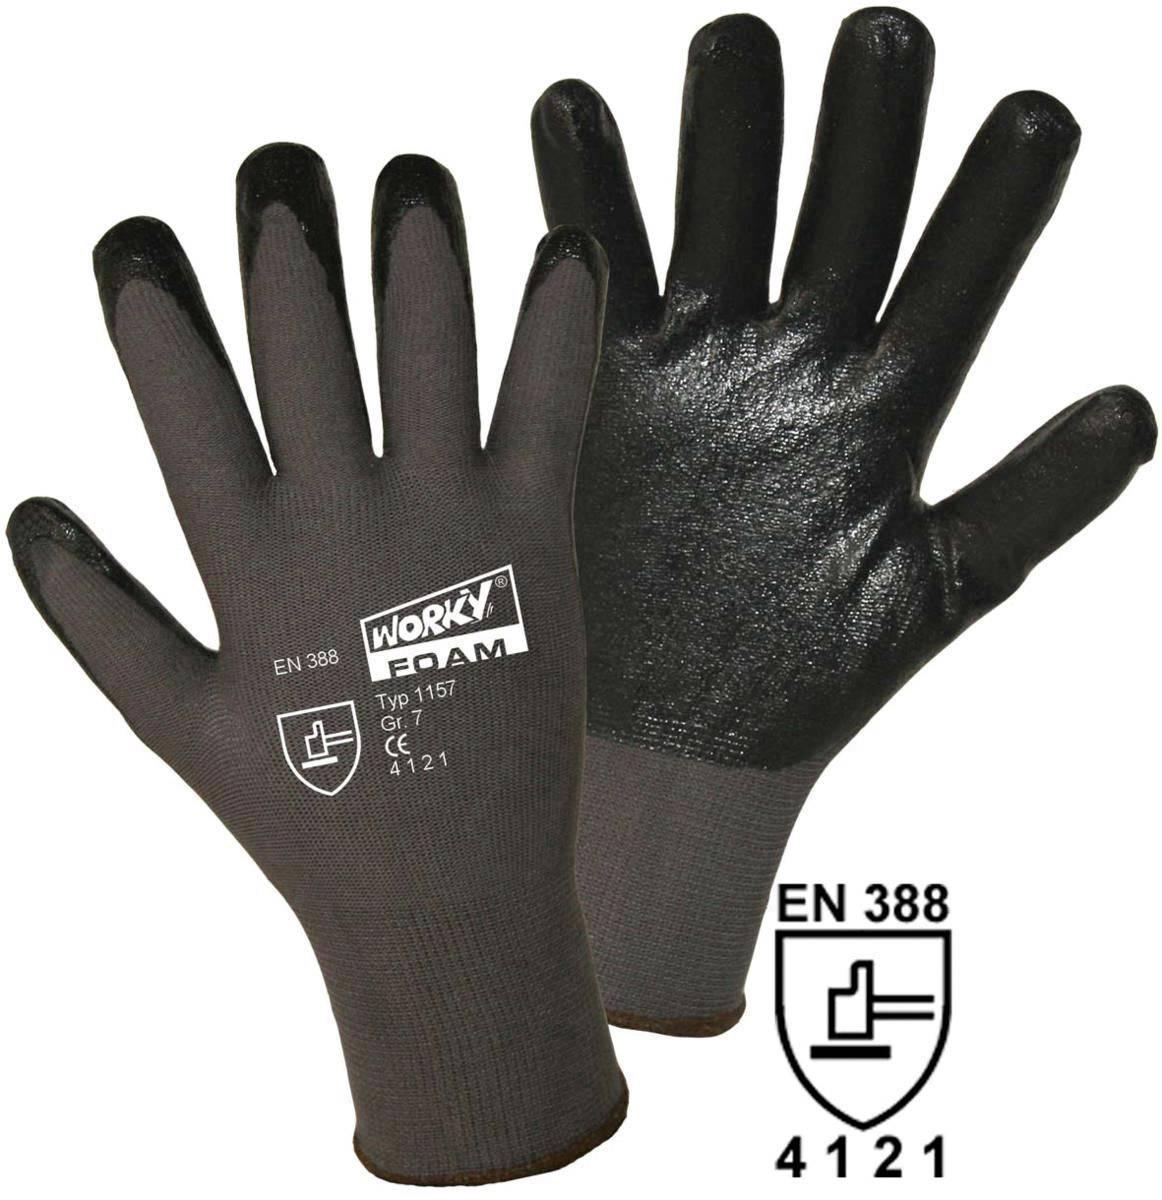 Pracovní rukavice jemně tkané L+D worky FOAM Nylon-Nitril 1157 9, L